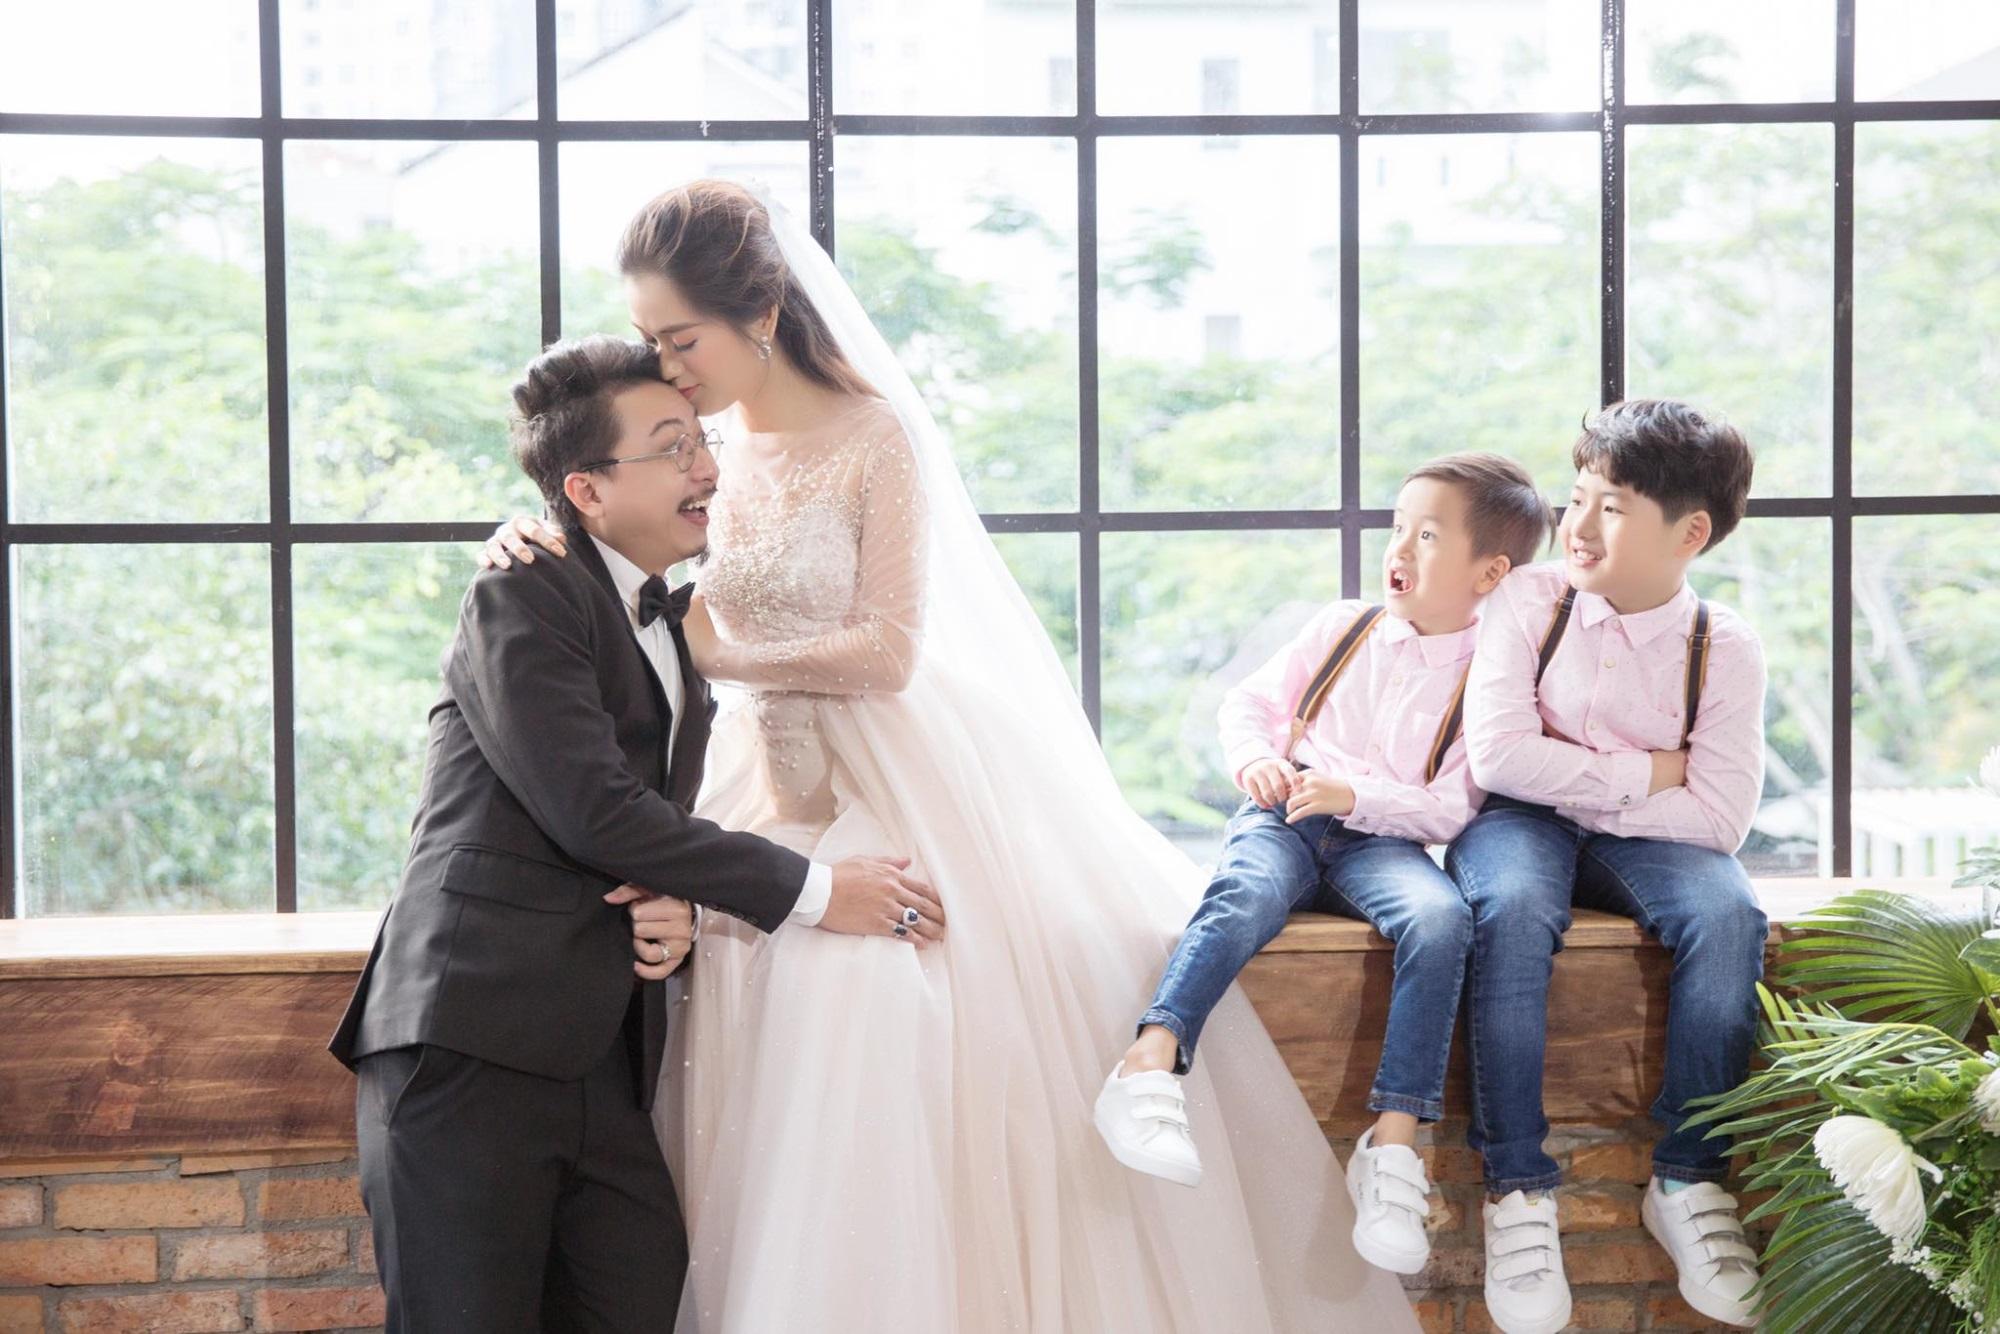 Mặc thiên hạ ngoại tình ly hôn, vợ chồng Lâm Vỹ Dạ 'tay trong tay' làm điều đặc biệt cho con trai - Ảnh 5